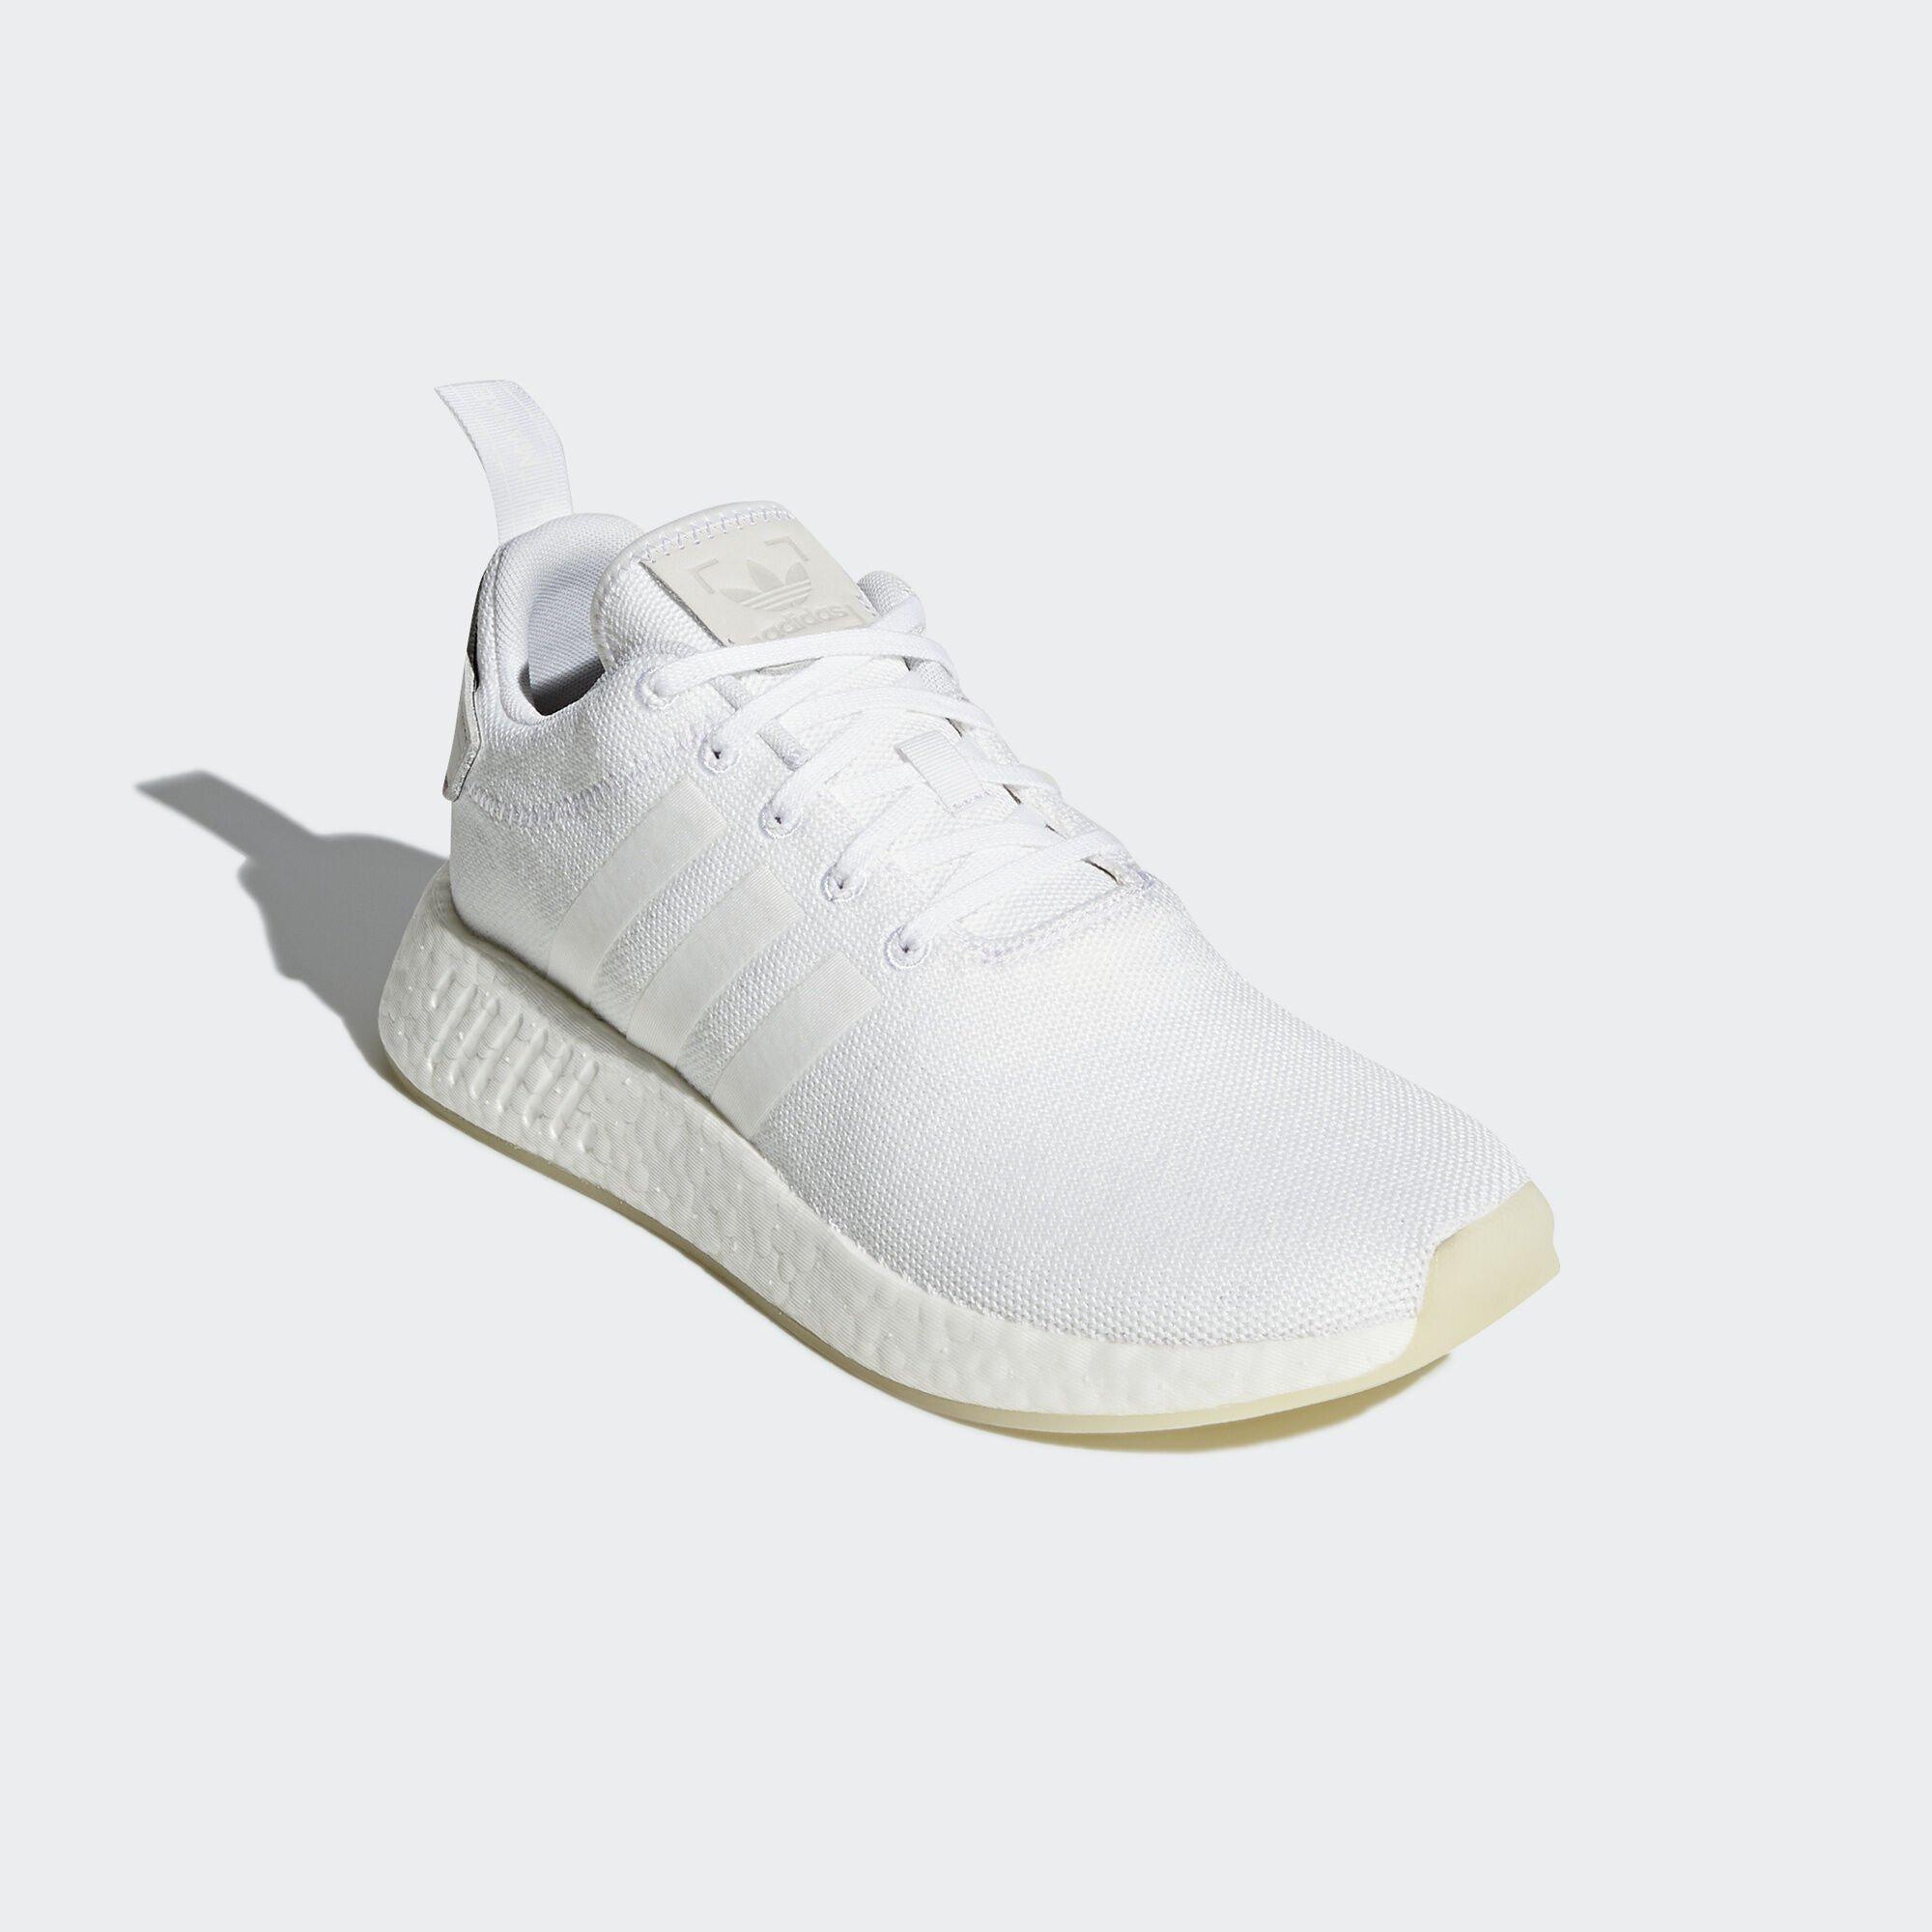 adidas NMD R2 Triple White (CQ2401)